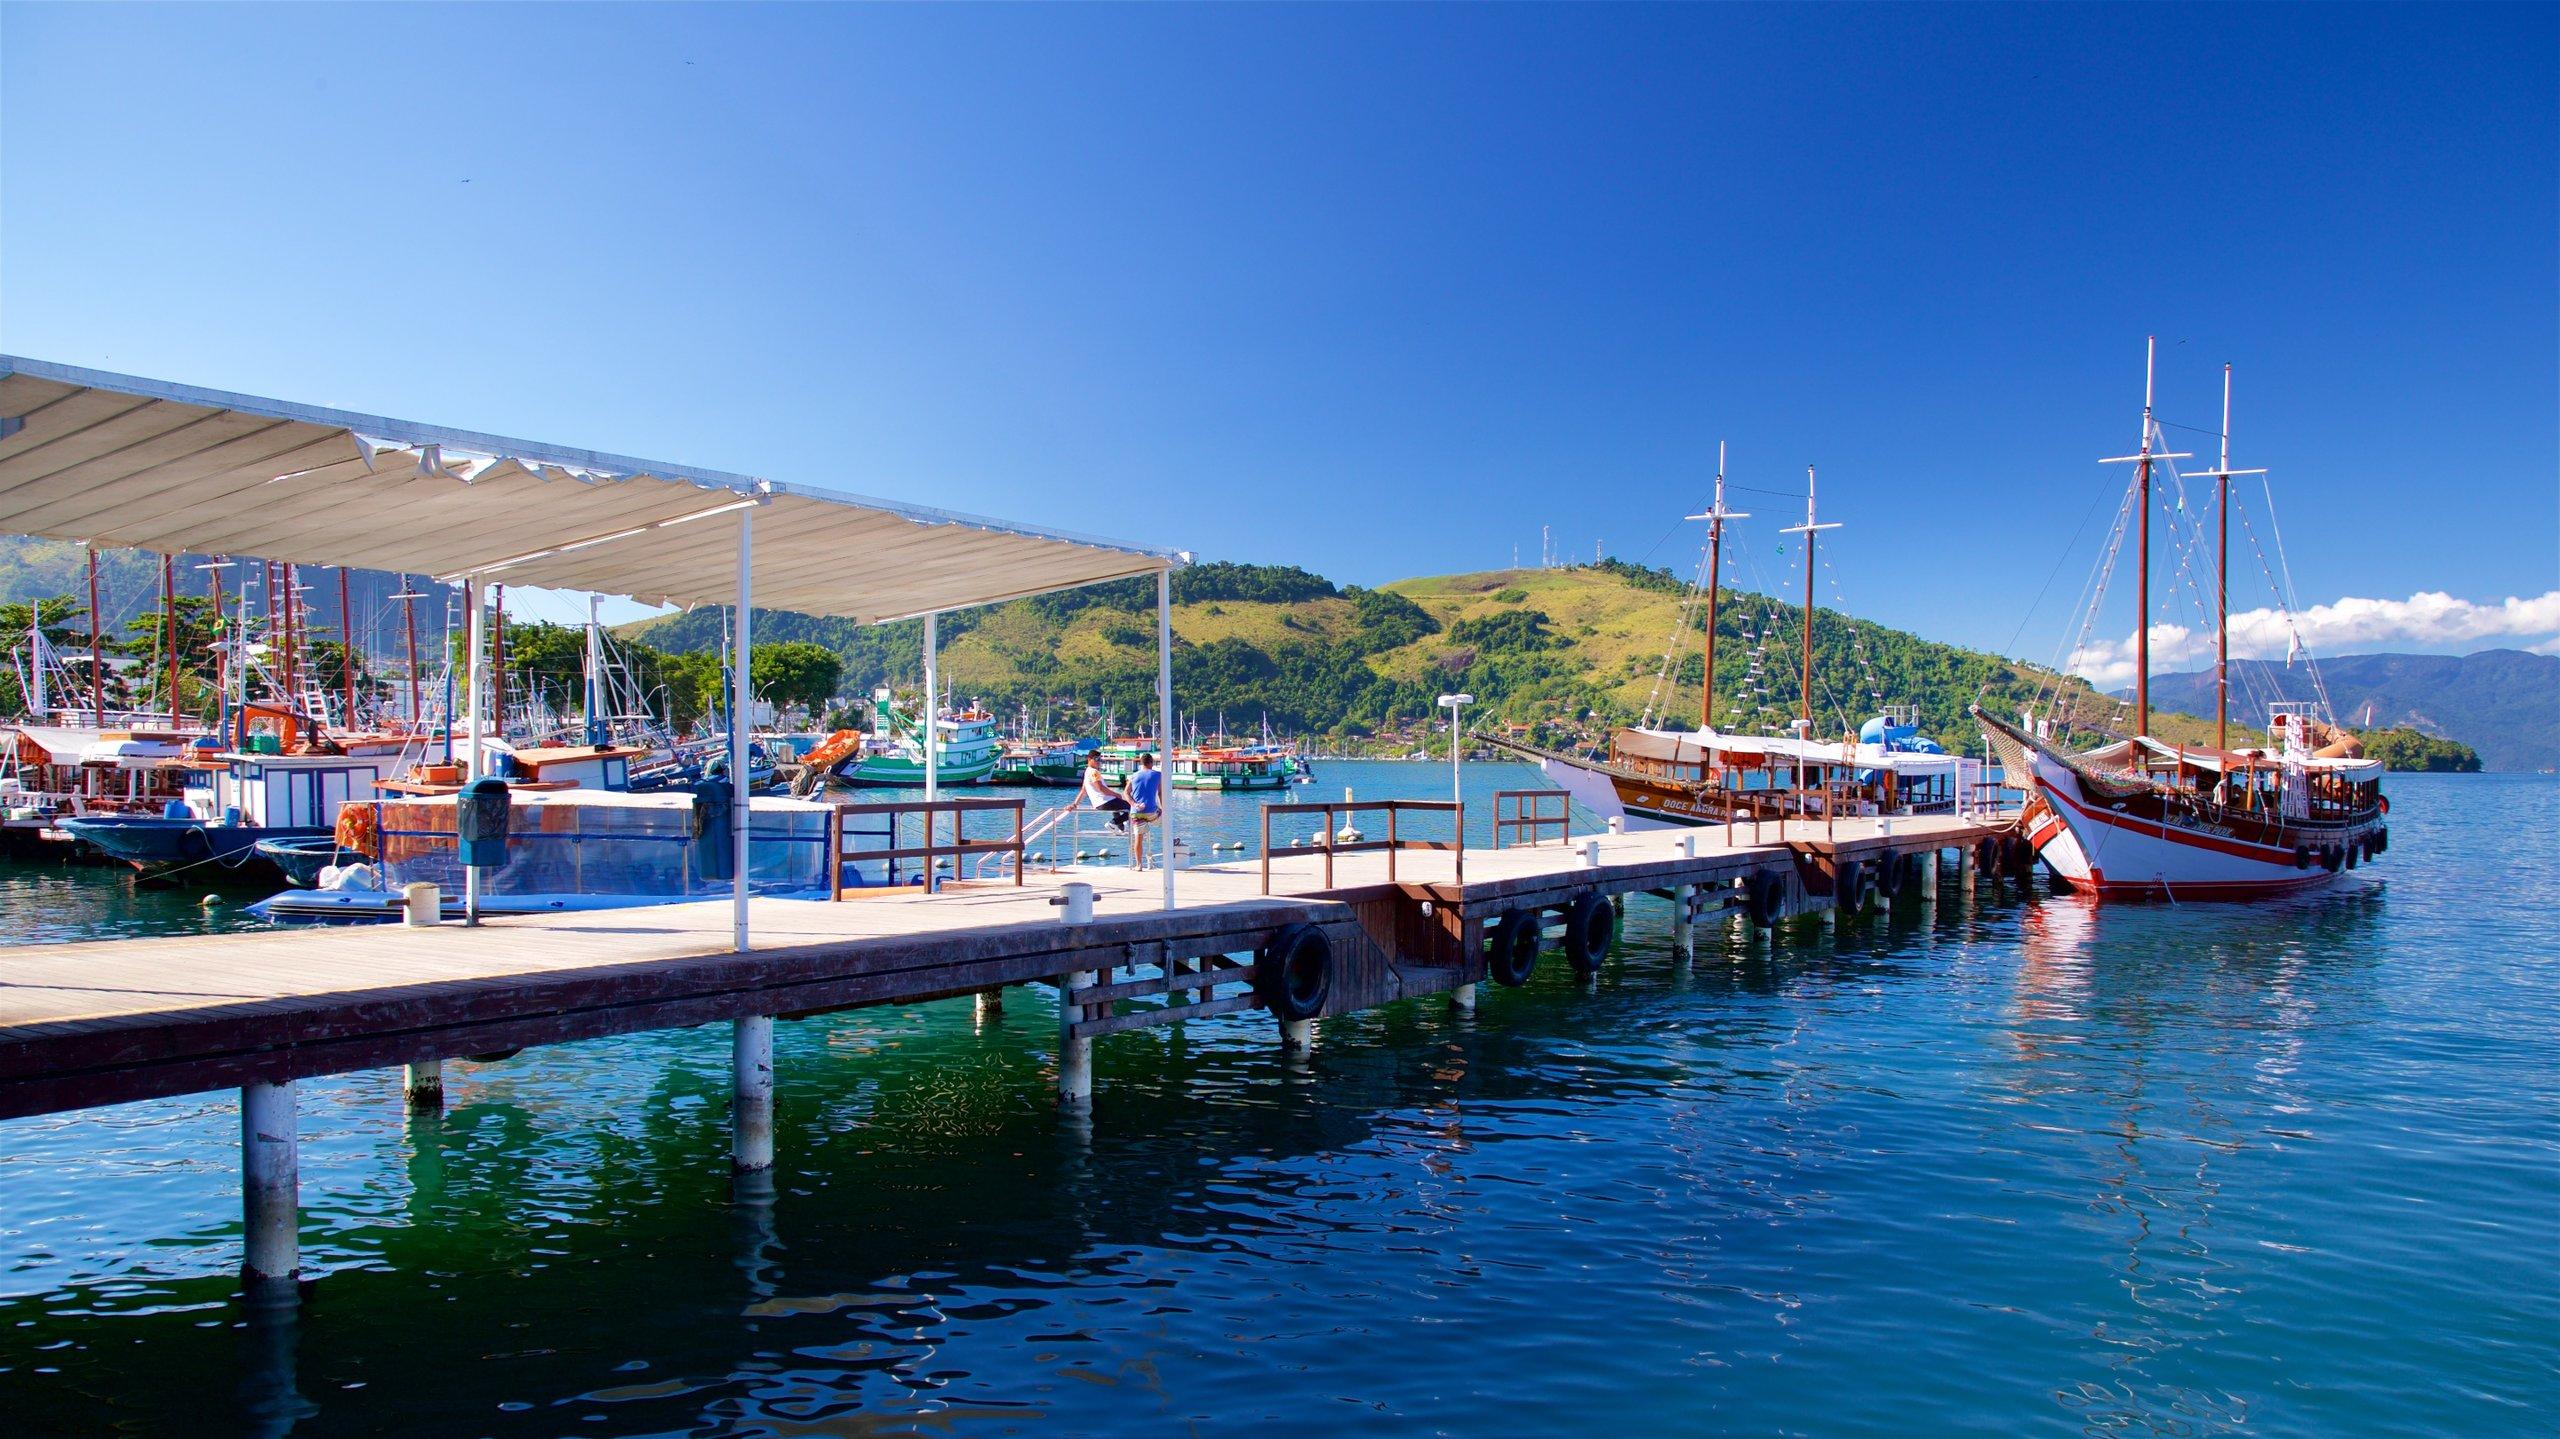 Angra dos Reis har en fin hamn som heter Angra dos Reis hamn. Stränderna lockar till härliga promenader i området.